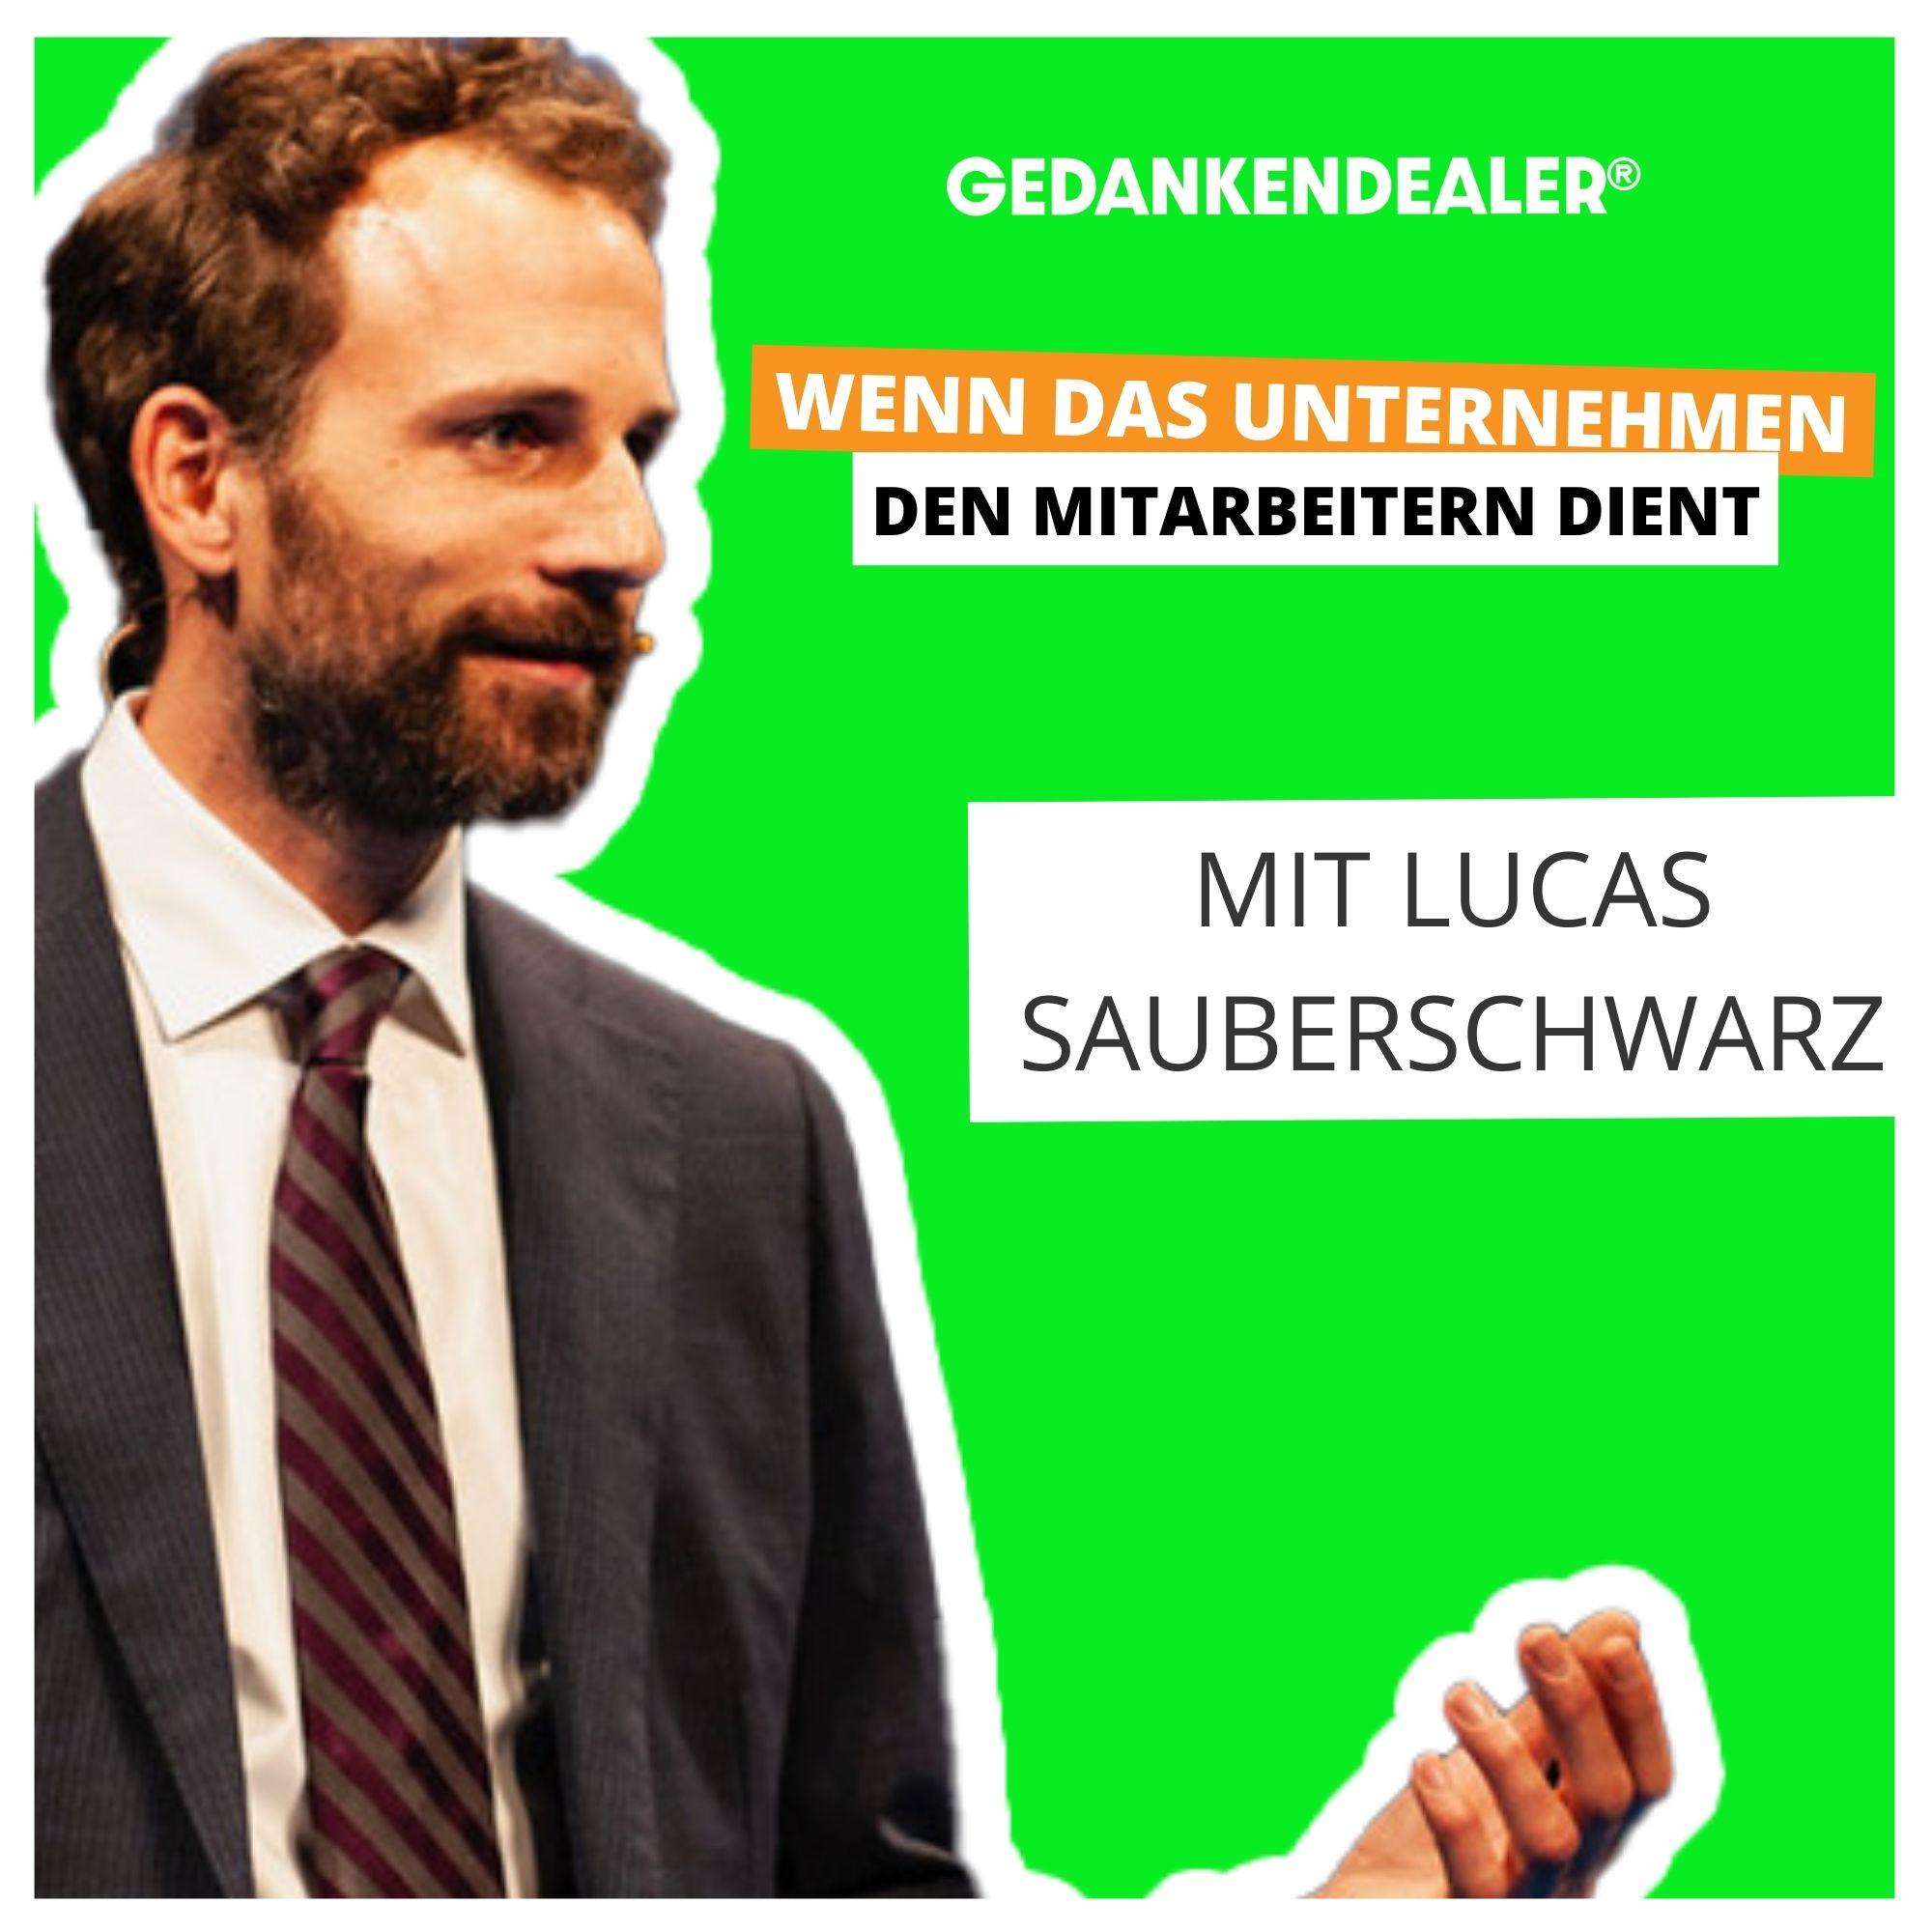 Wenn das Unternehmen den Mitarbeitern dient – im Talk mit Lucas Sauberschwarz